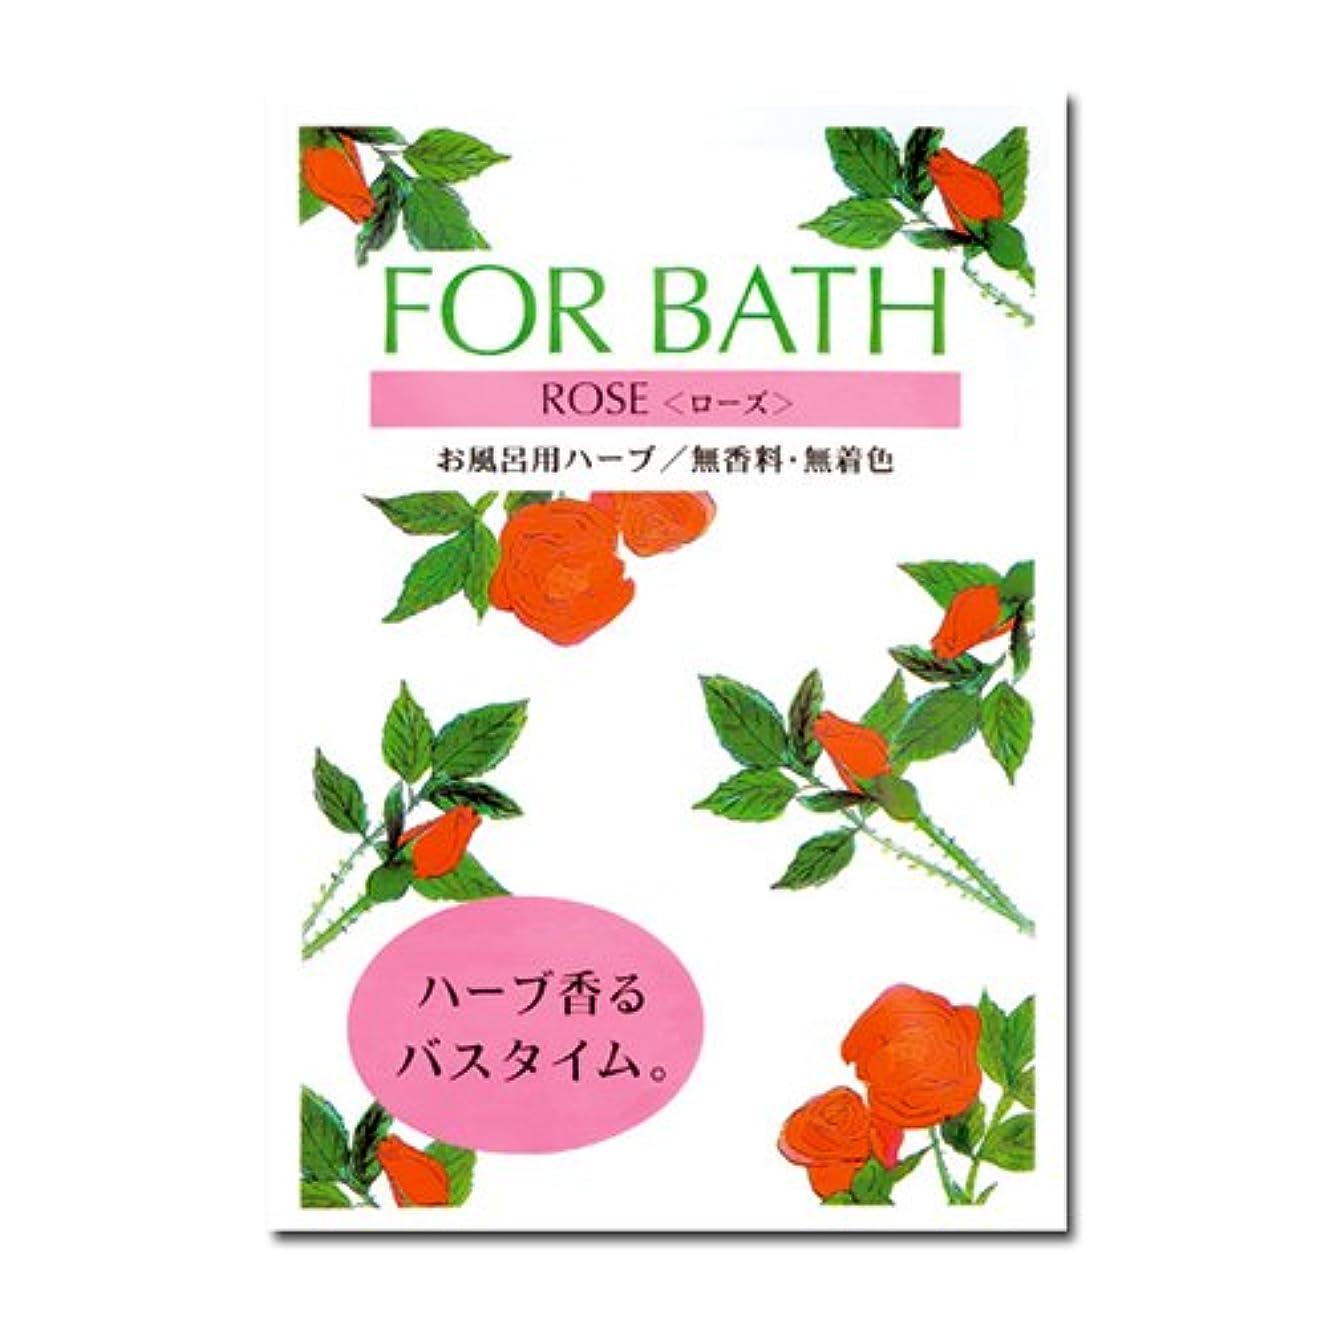 誓いコードレスリップフォアバス ローズx30袋[フォアバス/入浴剤/ハーブ]